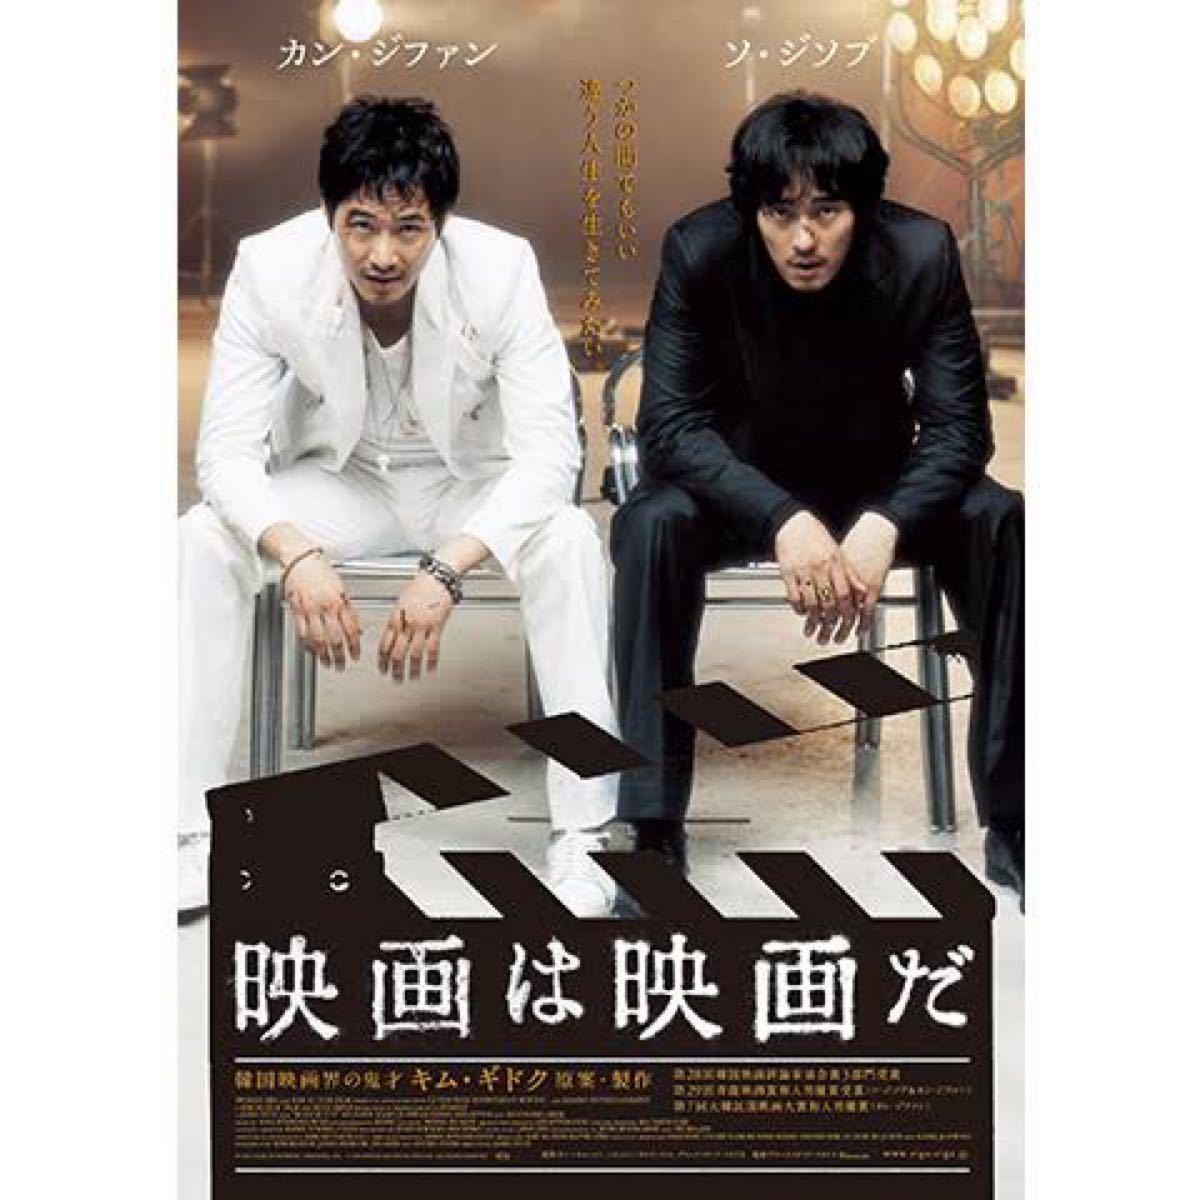 韓国映画◇映画は映画だ